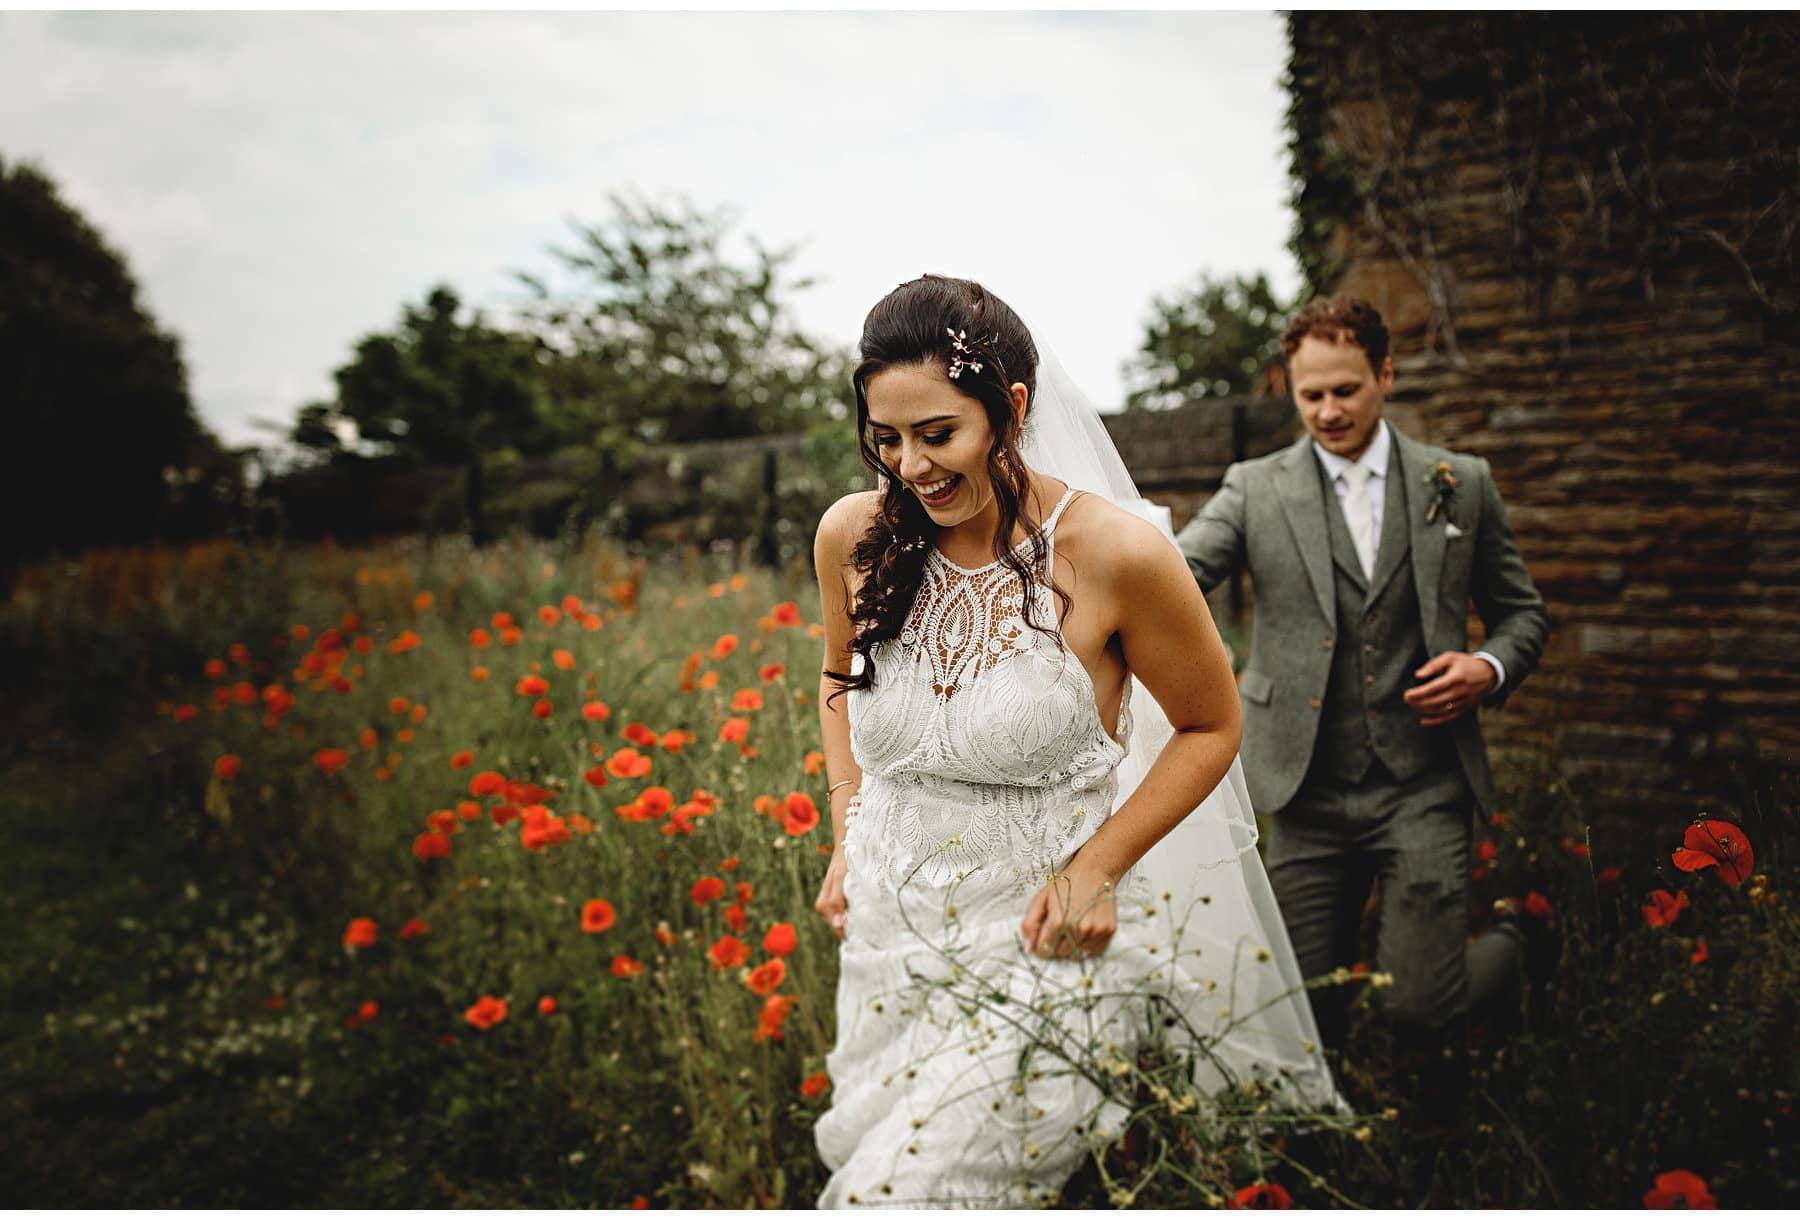 the bride & groom walking in the wild flowers